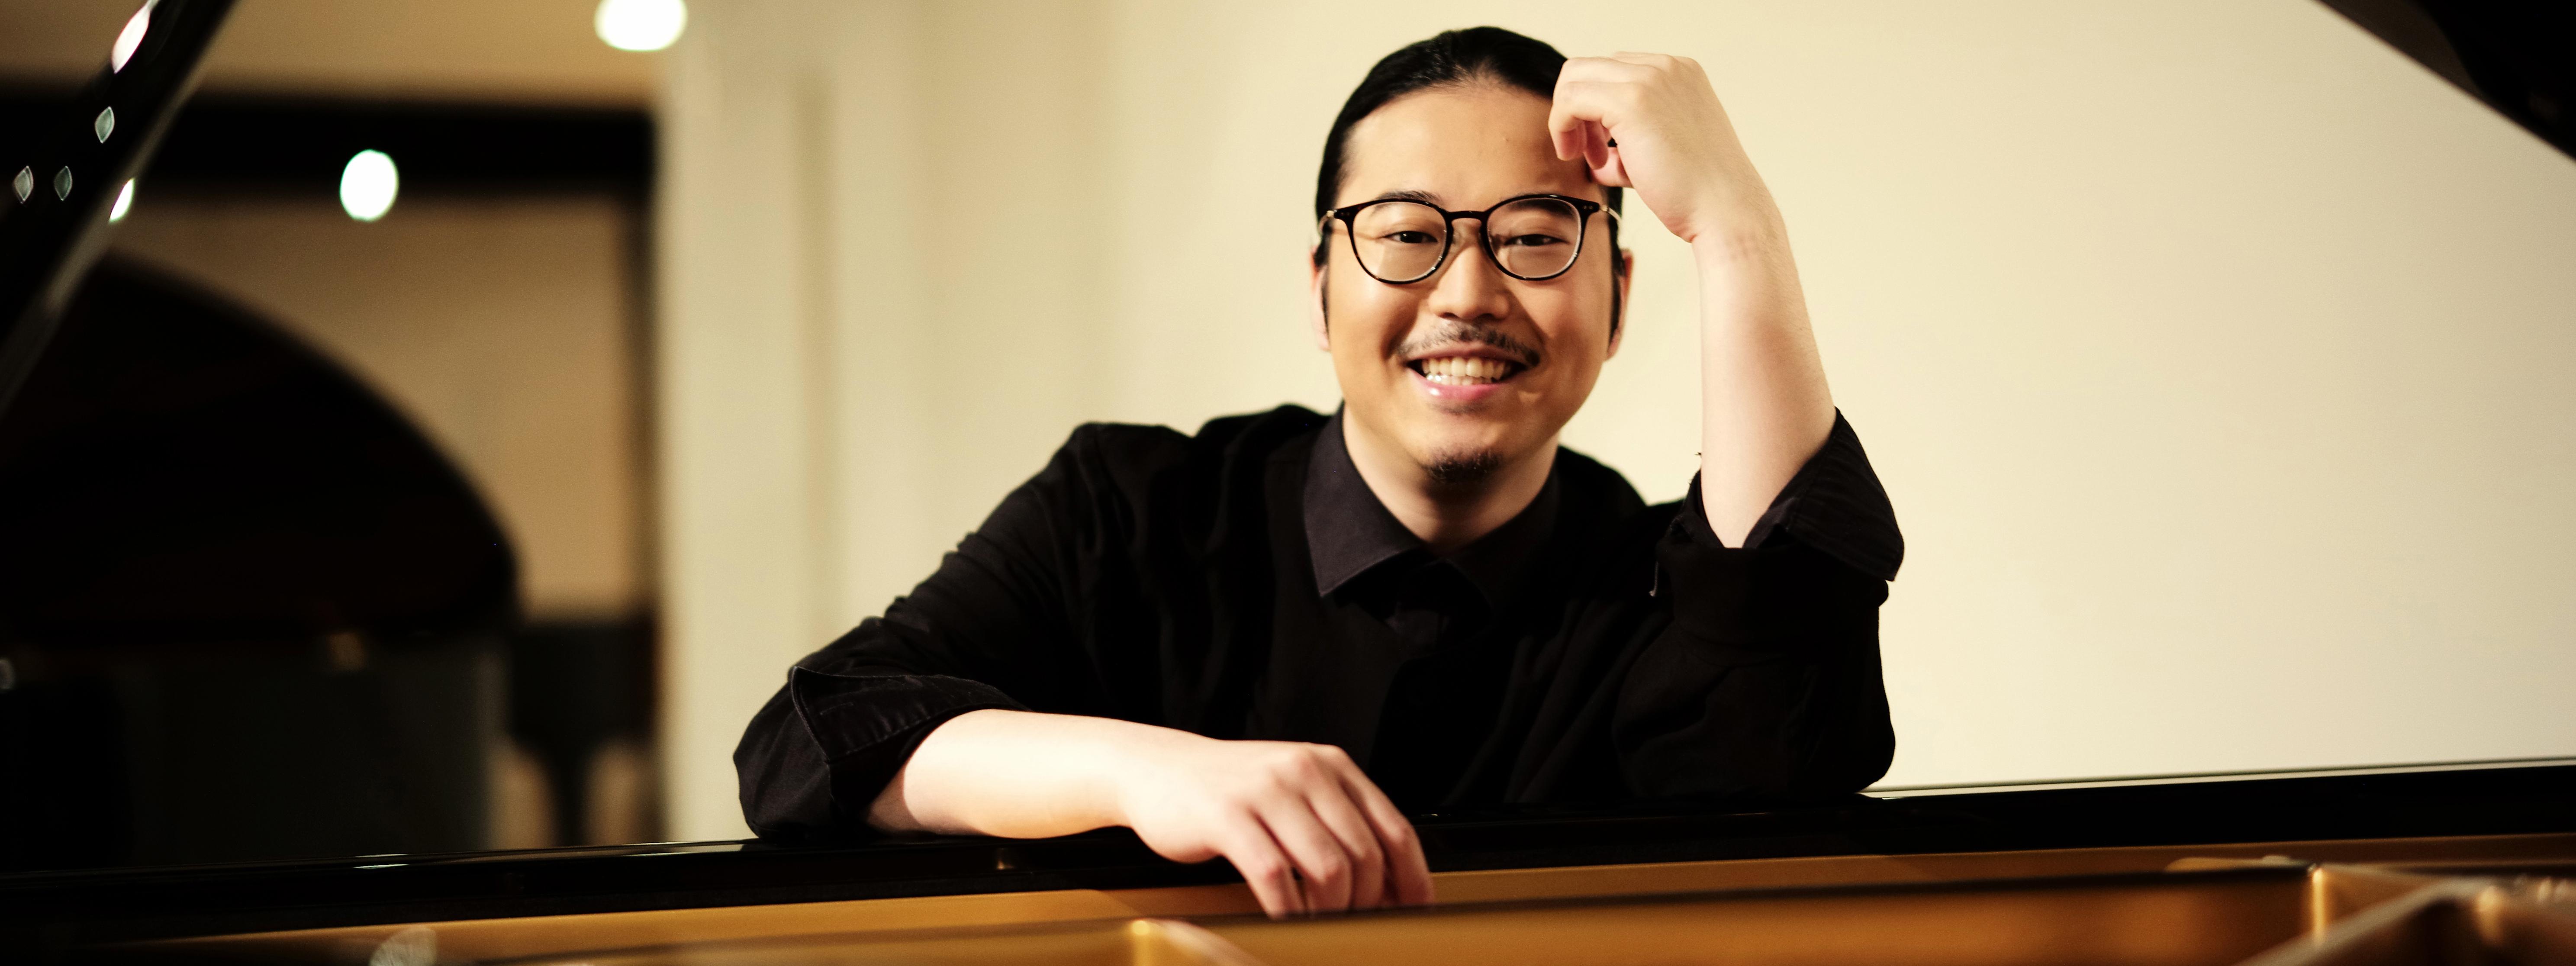 指揮者 佐渡裕 × ピアニスト 反田恭平: 二人が予測するクラシック音楽とデジタルメディアの未来